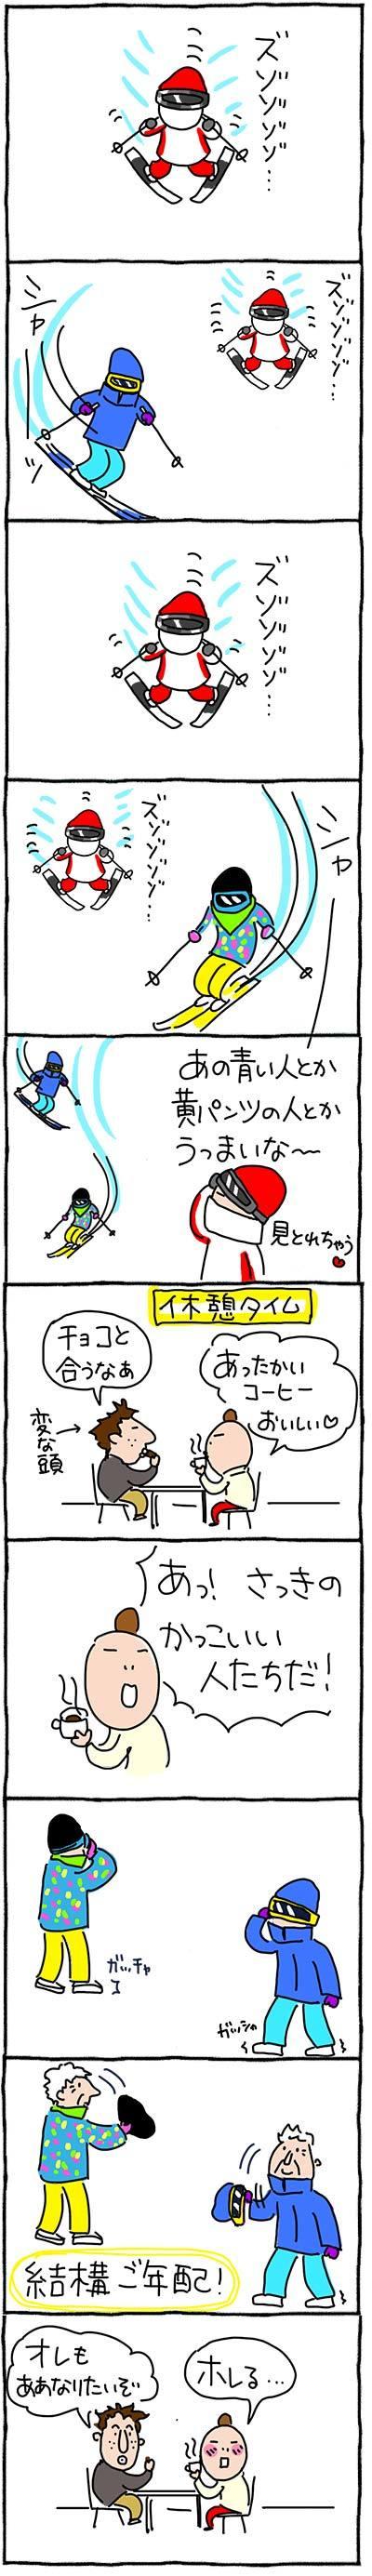 180302熟年スキー